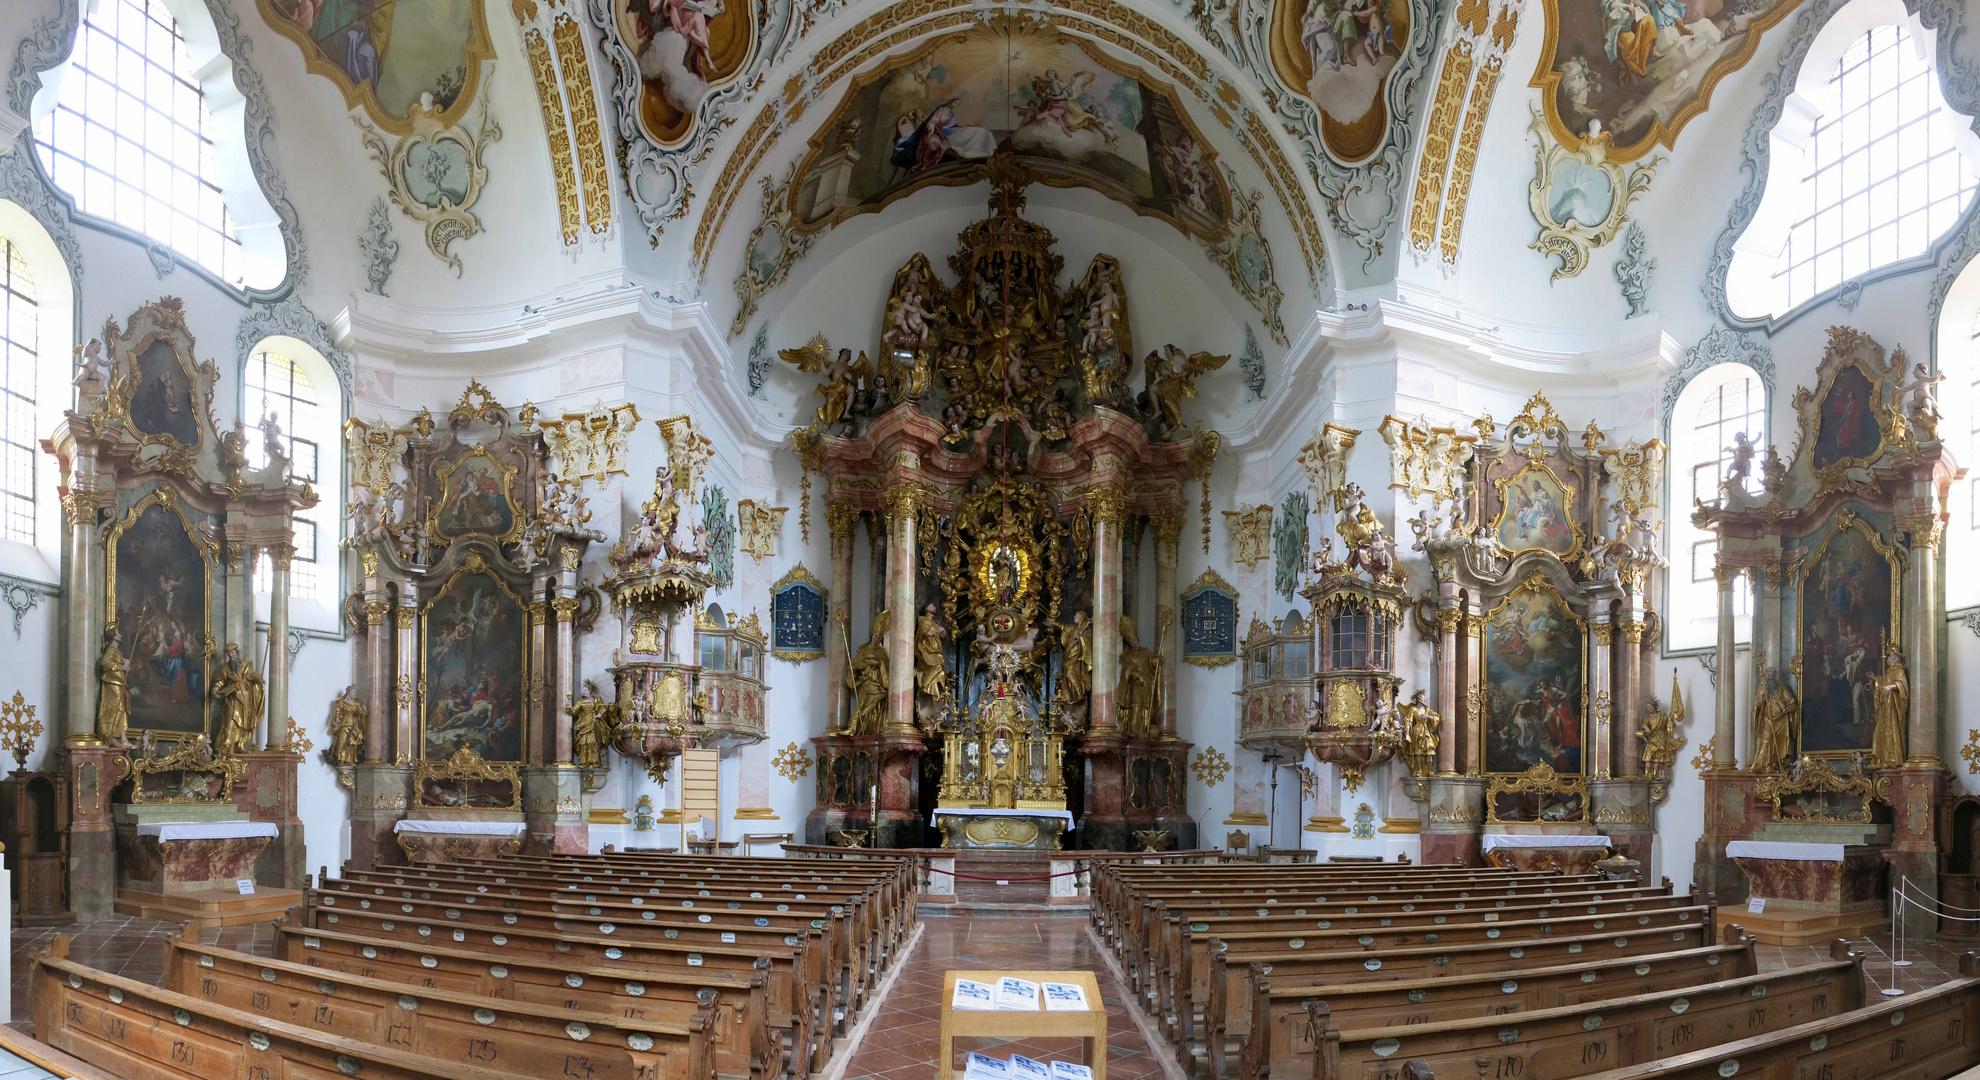 Wallfahrtskirche Marienberg bei Burghausen in Niederbayern